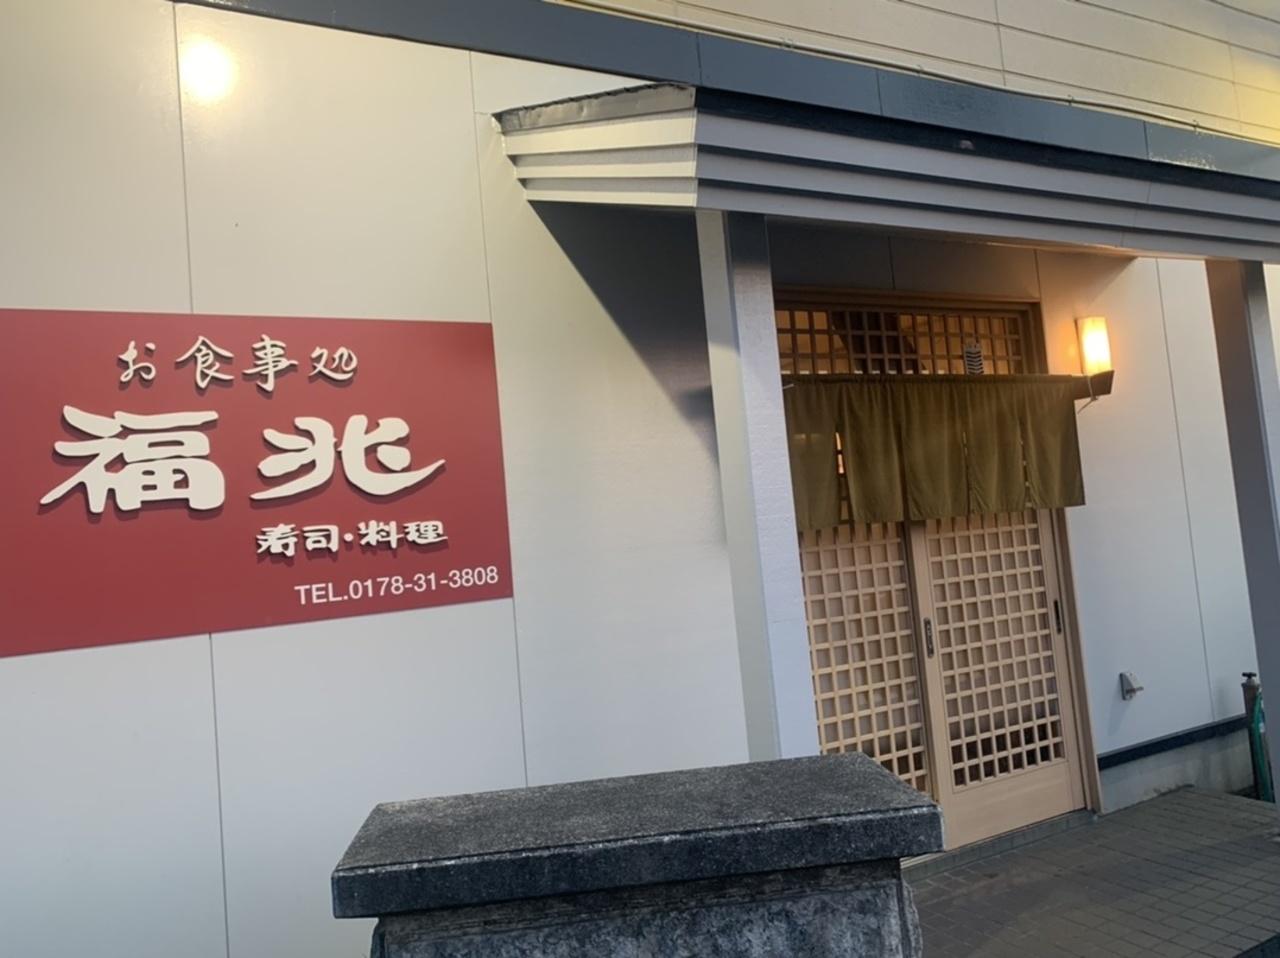 お寿司・お刺身が味わえて、おつまみはボリューム満点!【八戸市白銀町】「お食事処 福兆」